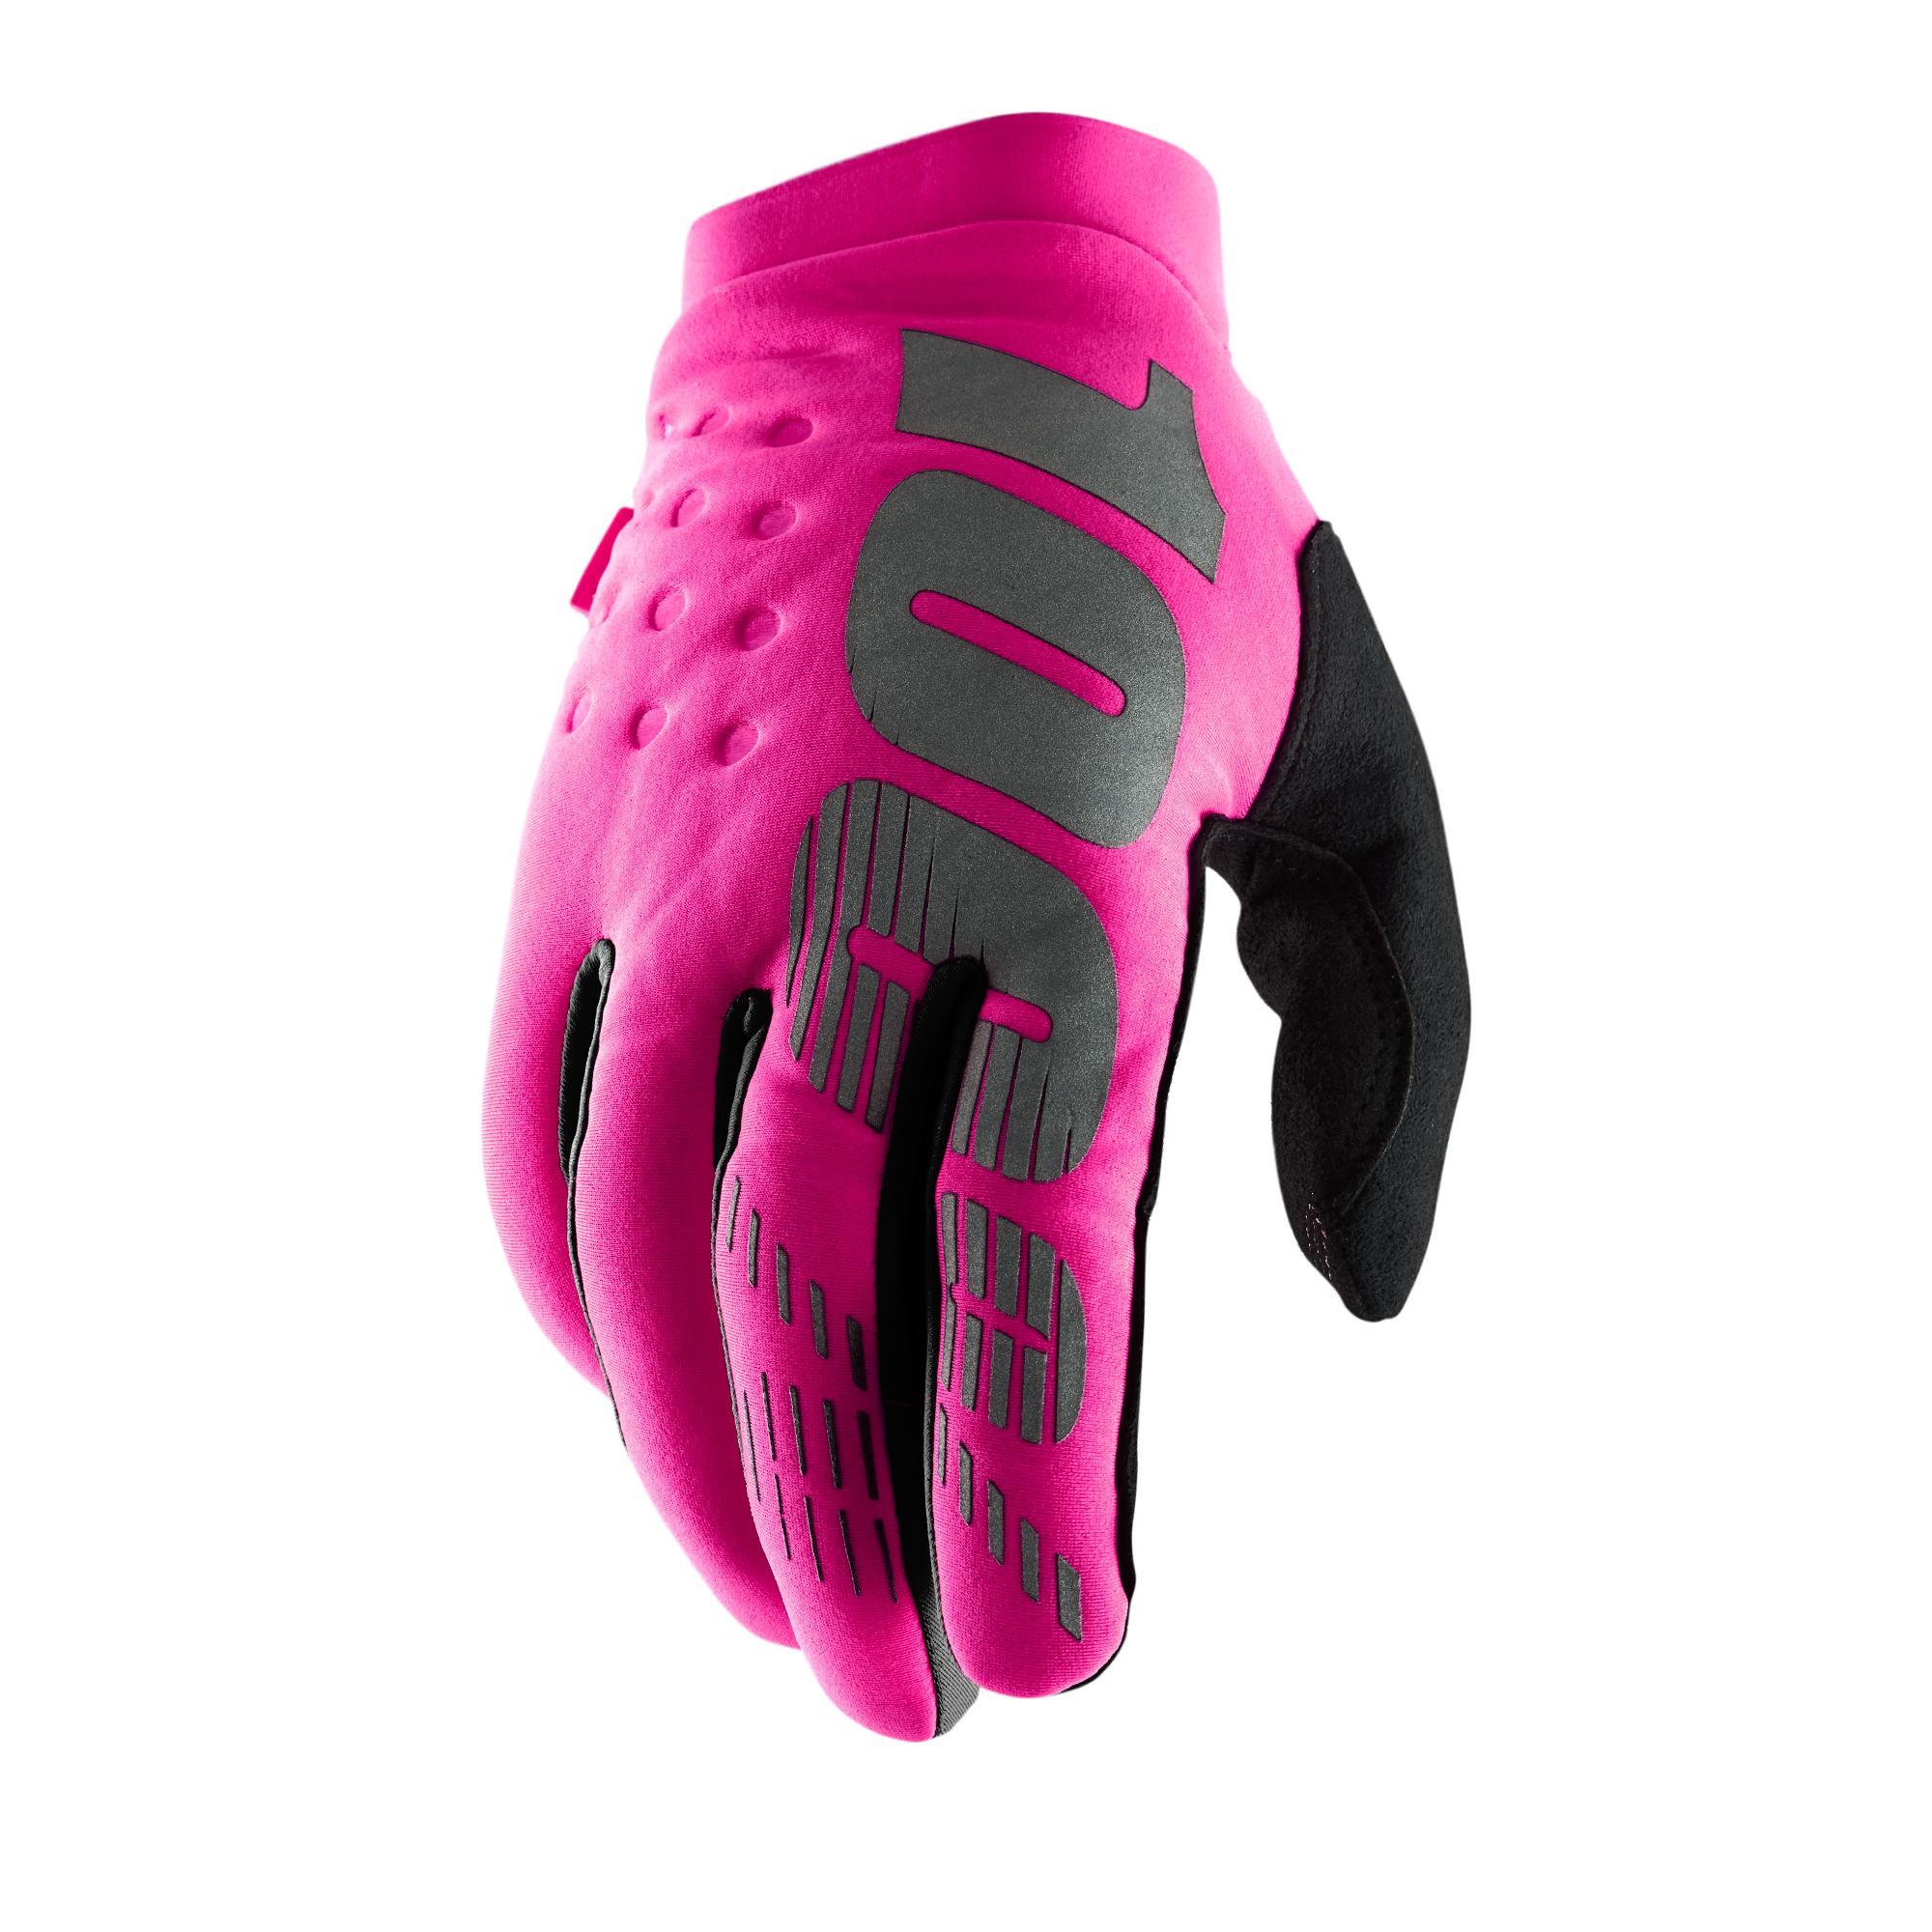 BRISKER 100% Women's Glove Neon Pink/Black